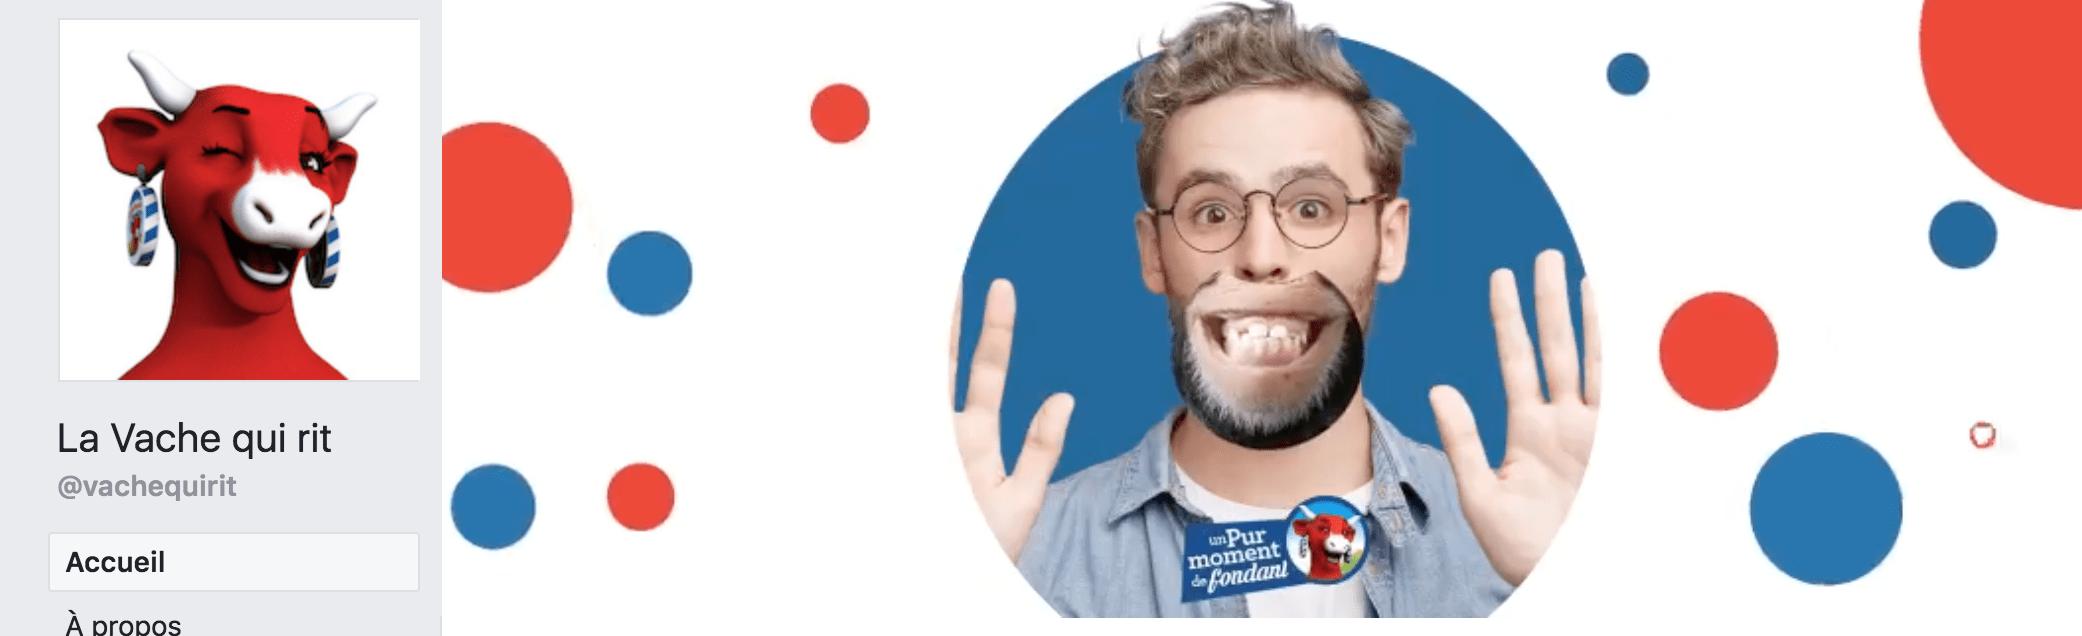 canva - marketing - publicité - couverture facebook